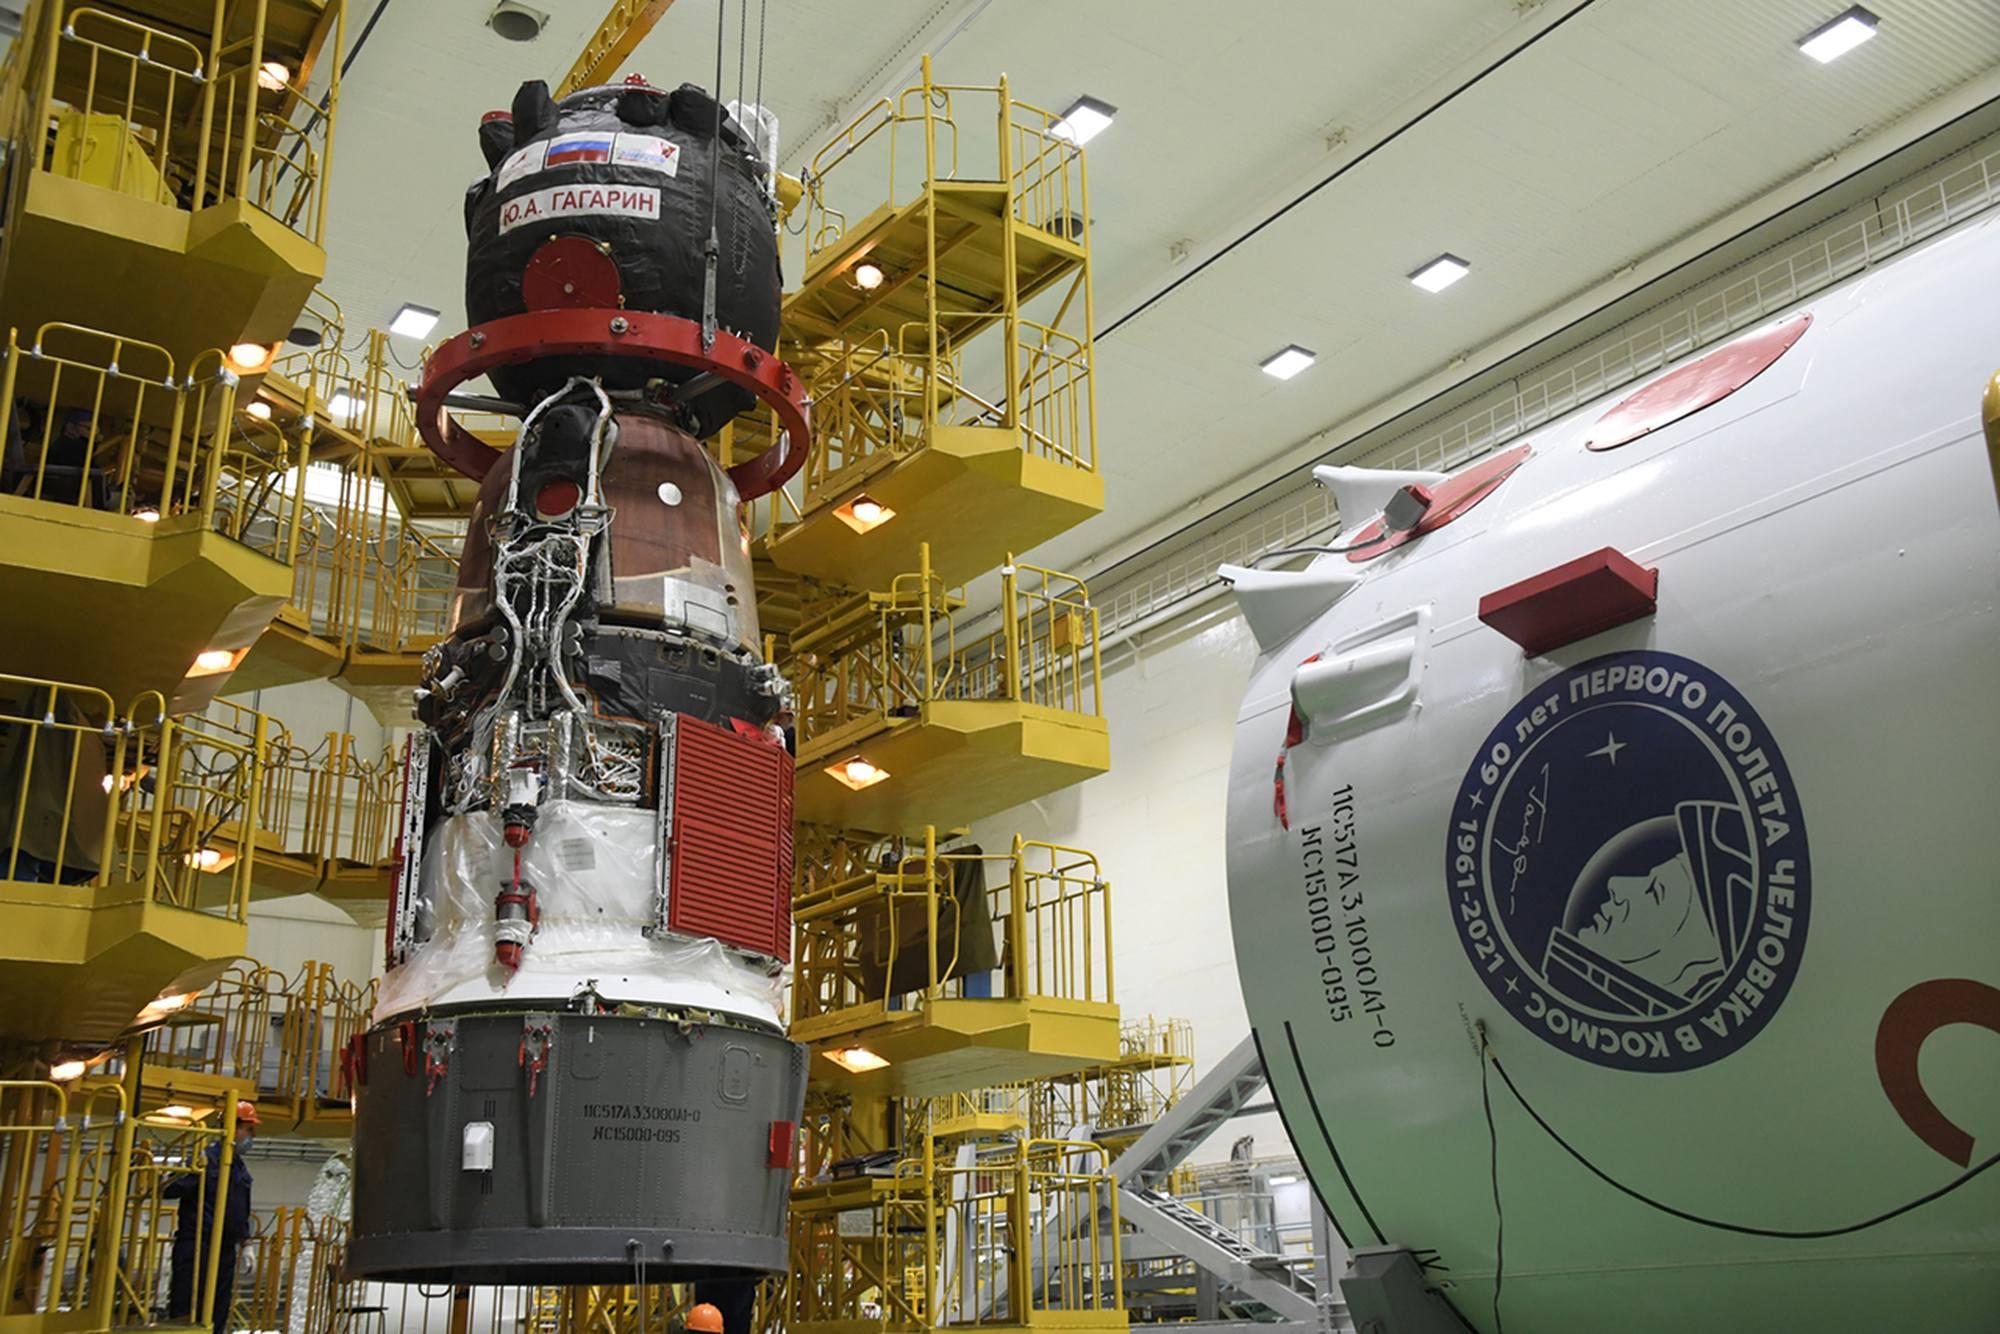 Le vaisseau et son adaptateur sont remis en place sur le stand.